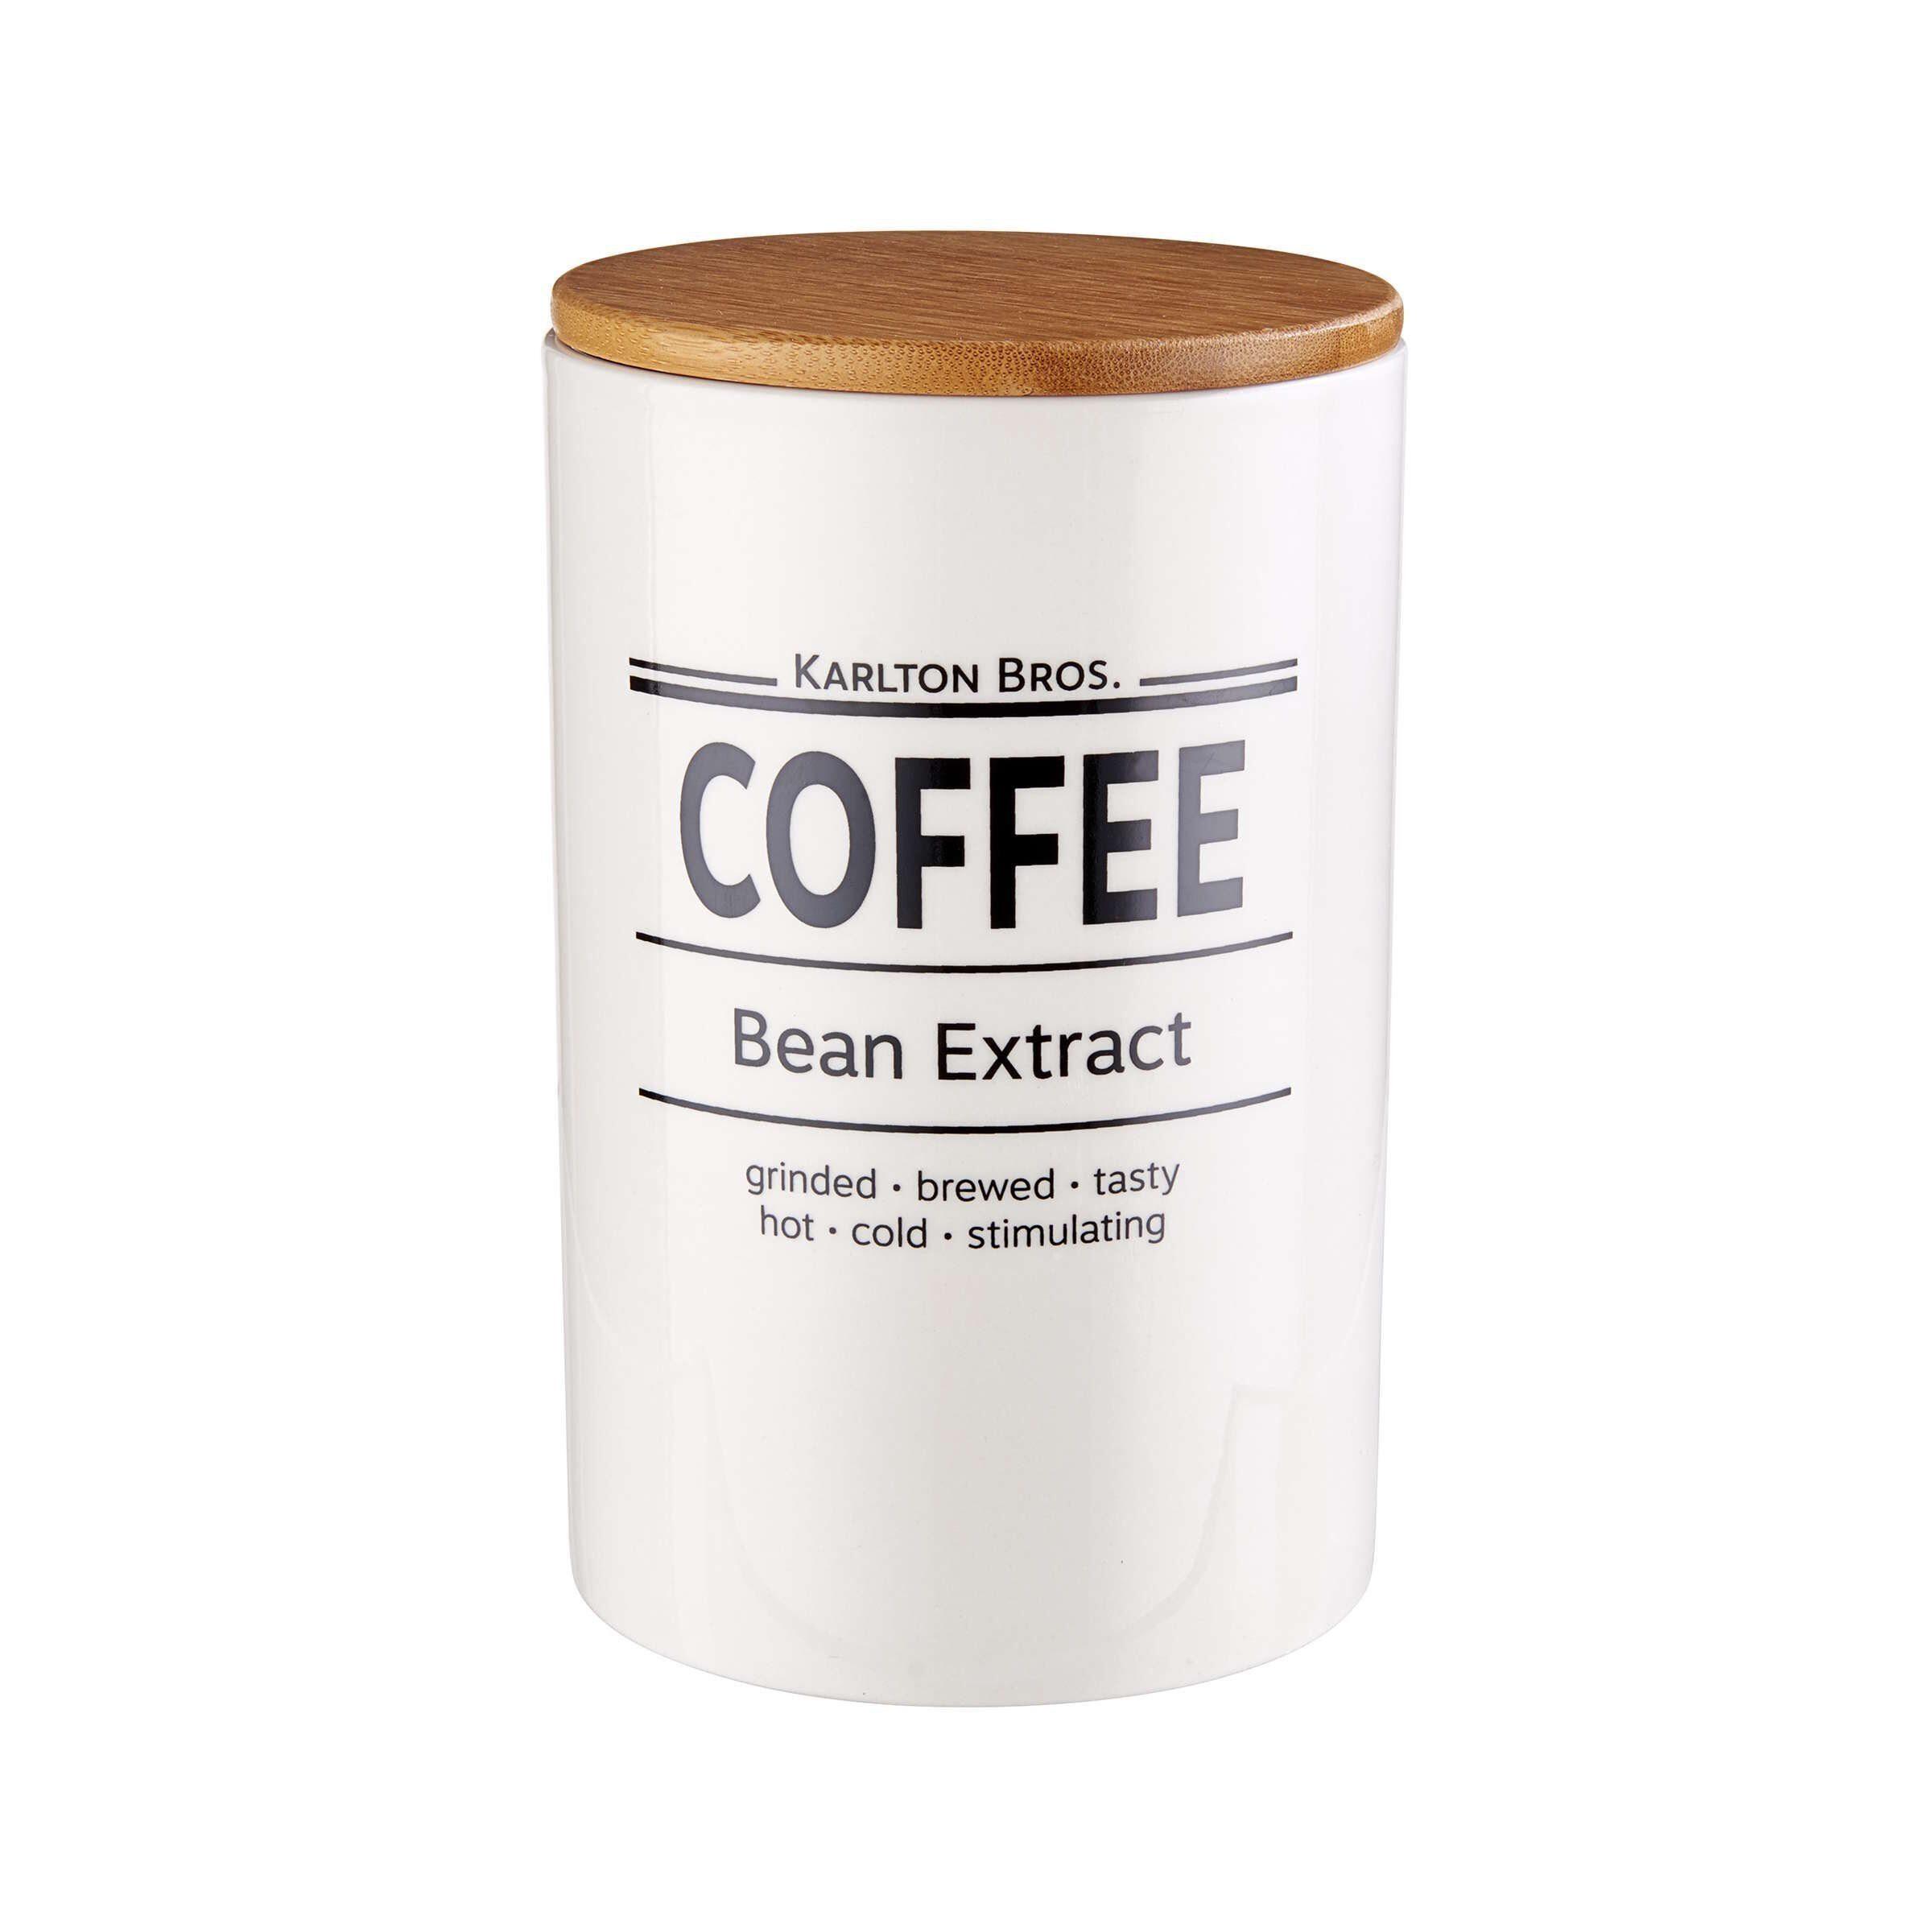 Kaffeepulver Aufbewahrungsdose Kaffee Dose /Ø 11,1 cm in Wei/ß BUTLERS Karlton Bros Moderne Vorratsdose aus Porzellan